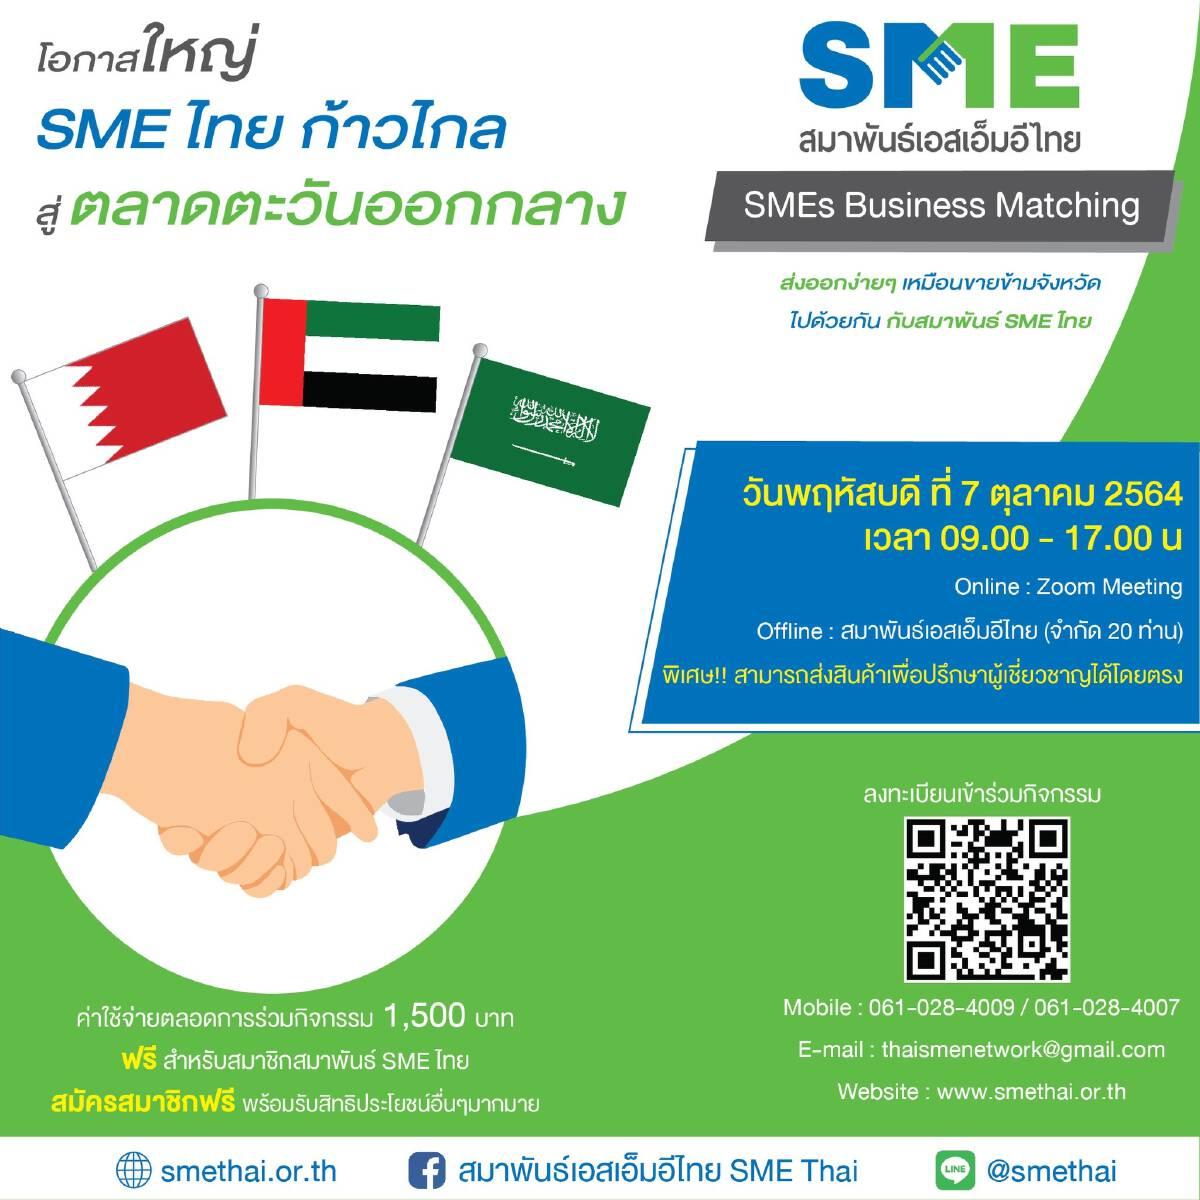 สมาพันธ์ SMEจับมือกรมเอเชียใต้ฯ จัดแมชชิ่งนำทัพธุรกิจบุกตะวันออกกลาง